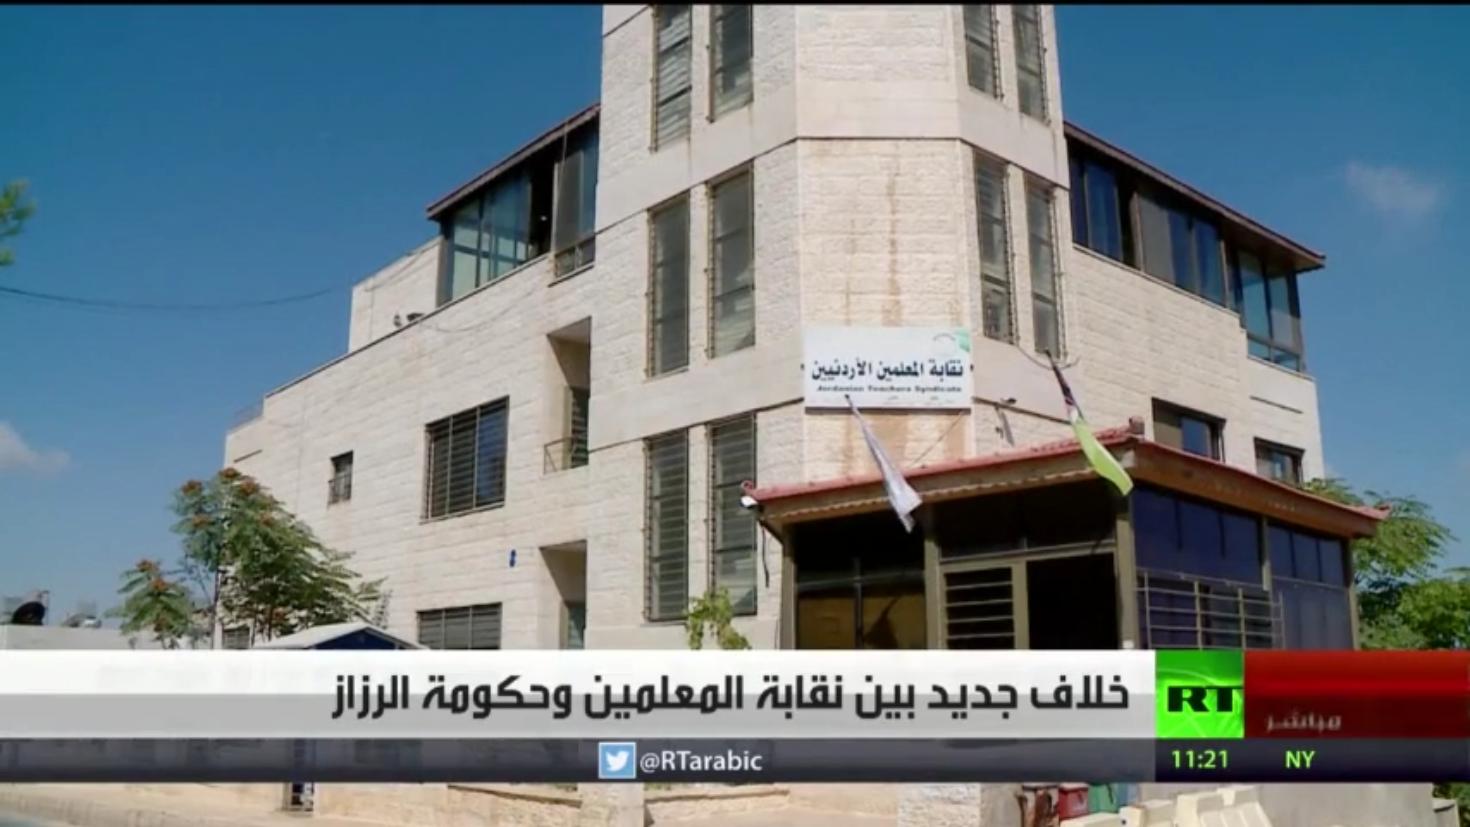 خلاف بين نقابة المعلمين والحكومة الأردنية